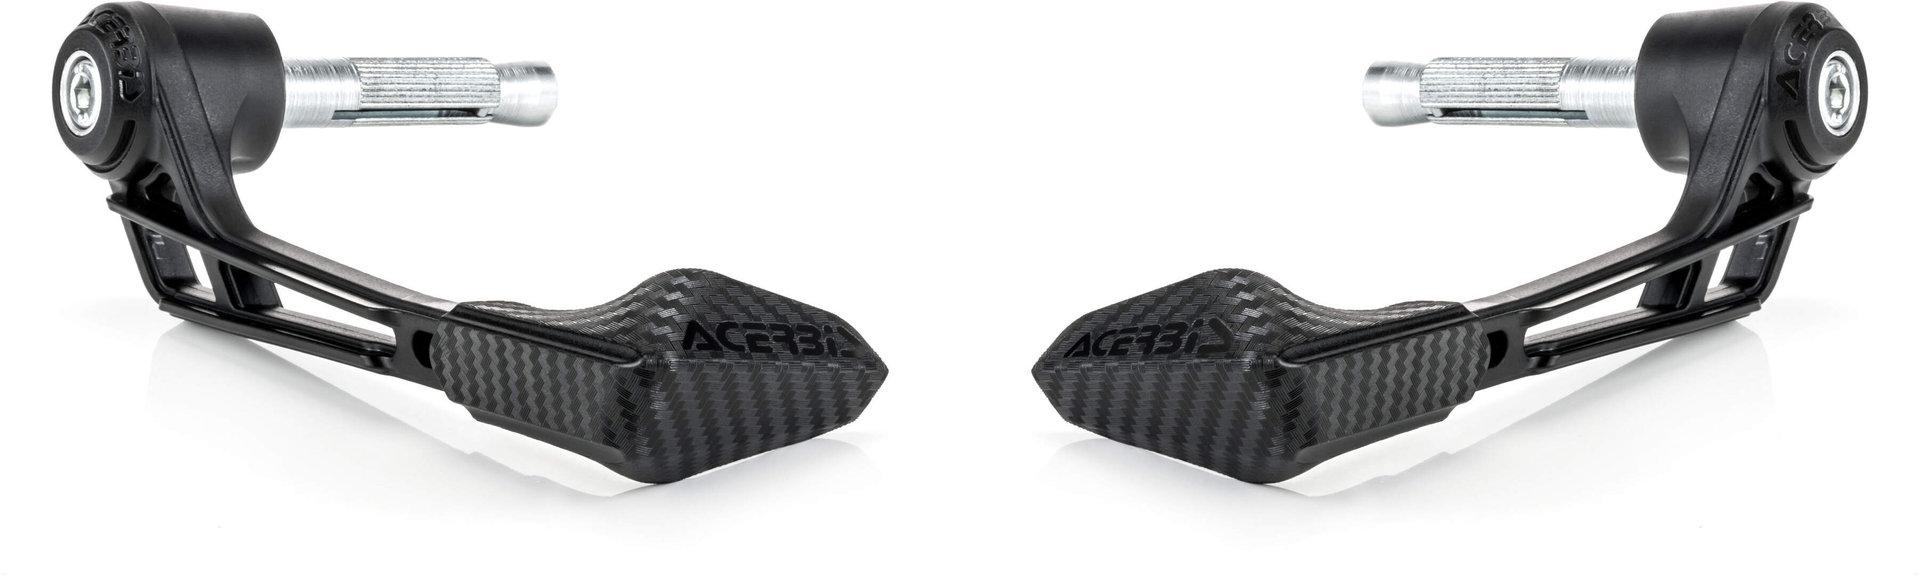 Acerbis X-Road 2.0 Hebelschutz, schwarz, schwarz